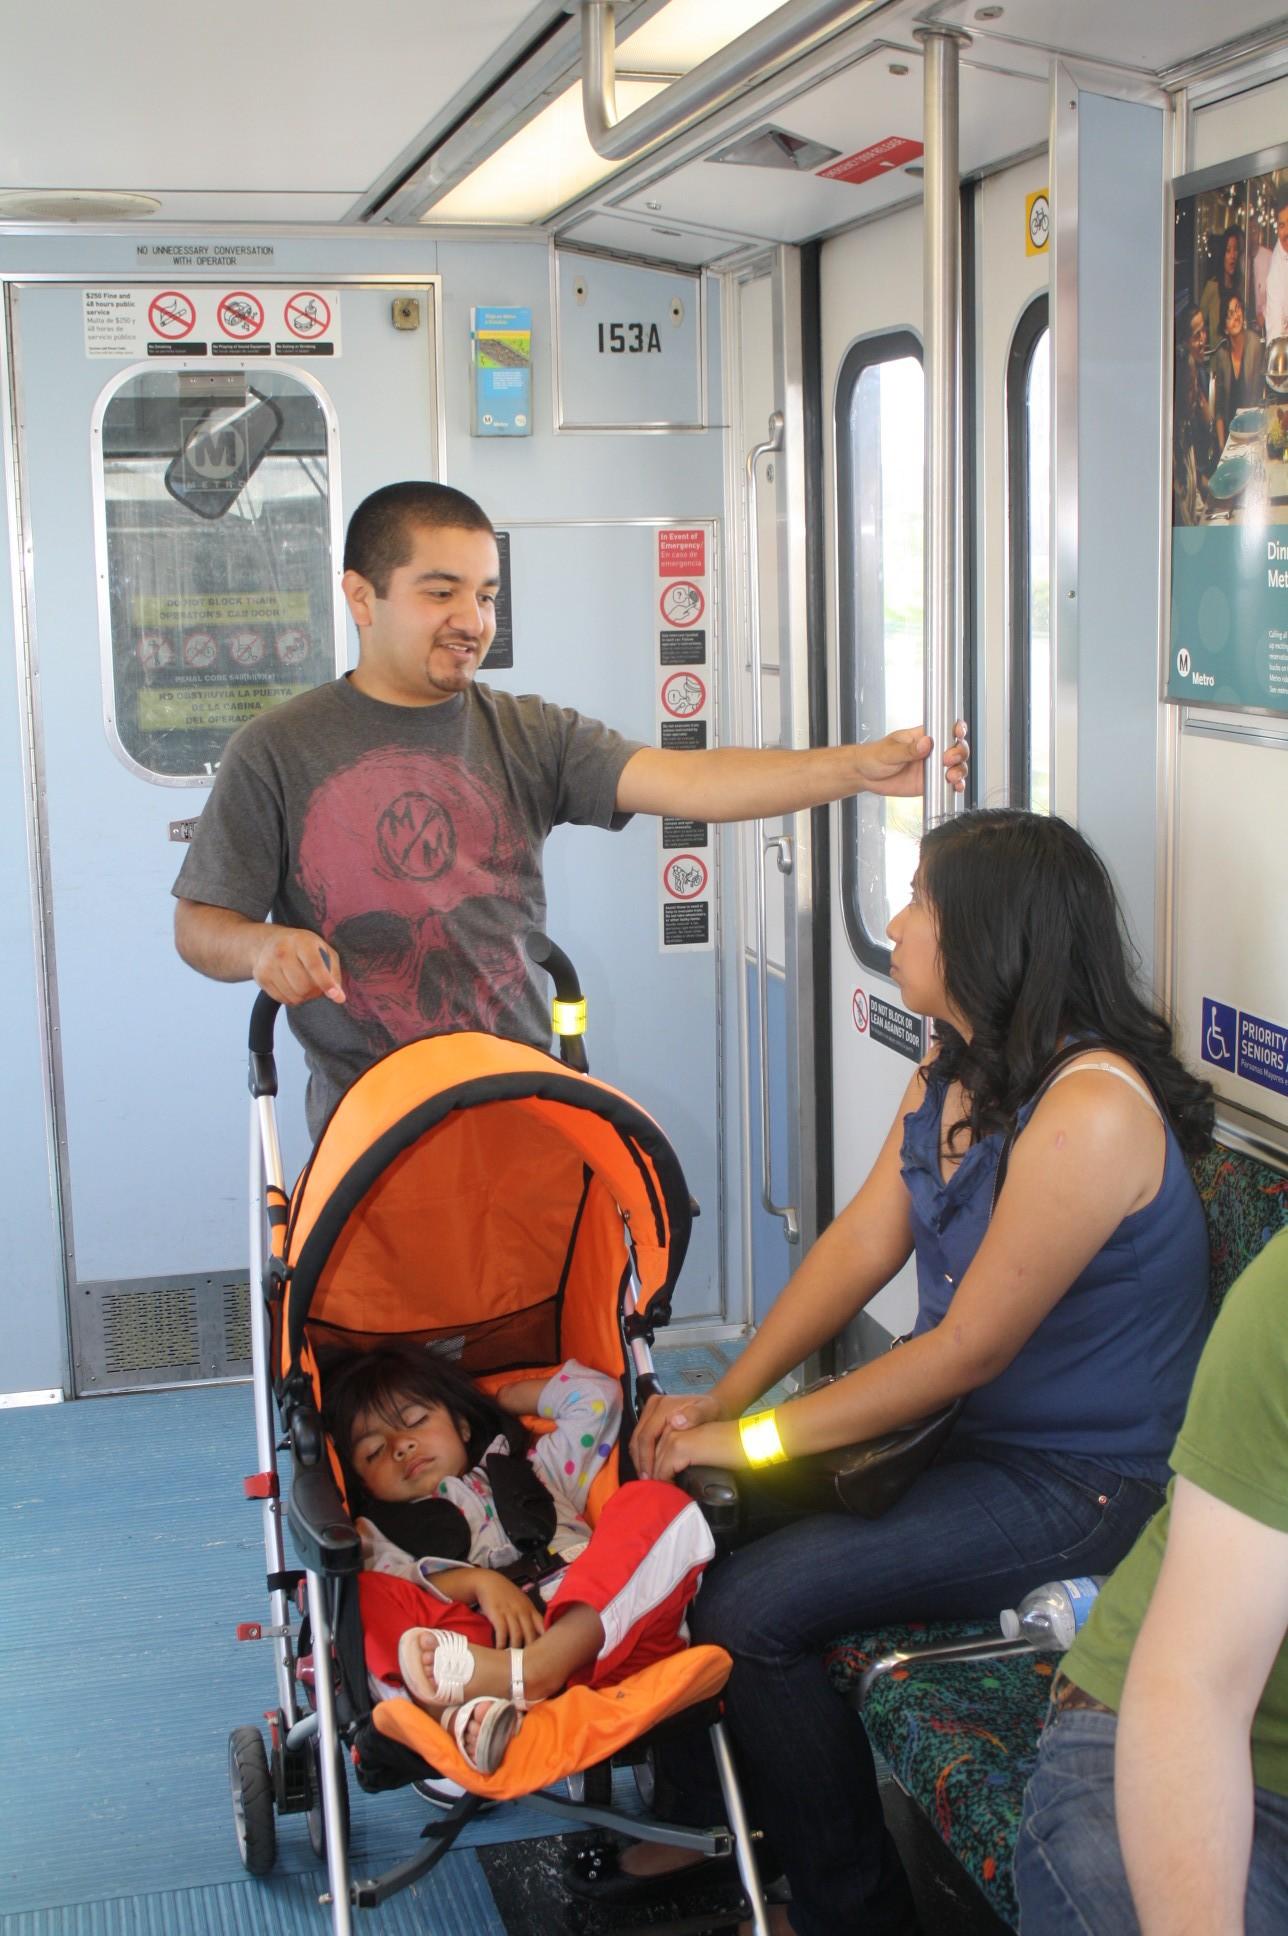 La familia Cerezo-Mateo viajaron para conocer la nueva línea del Metro (Foto de Agustín Durán/El Pasajero)